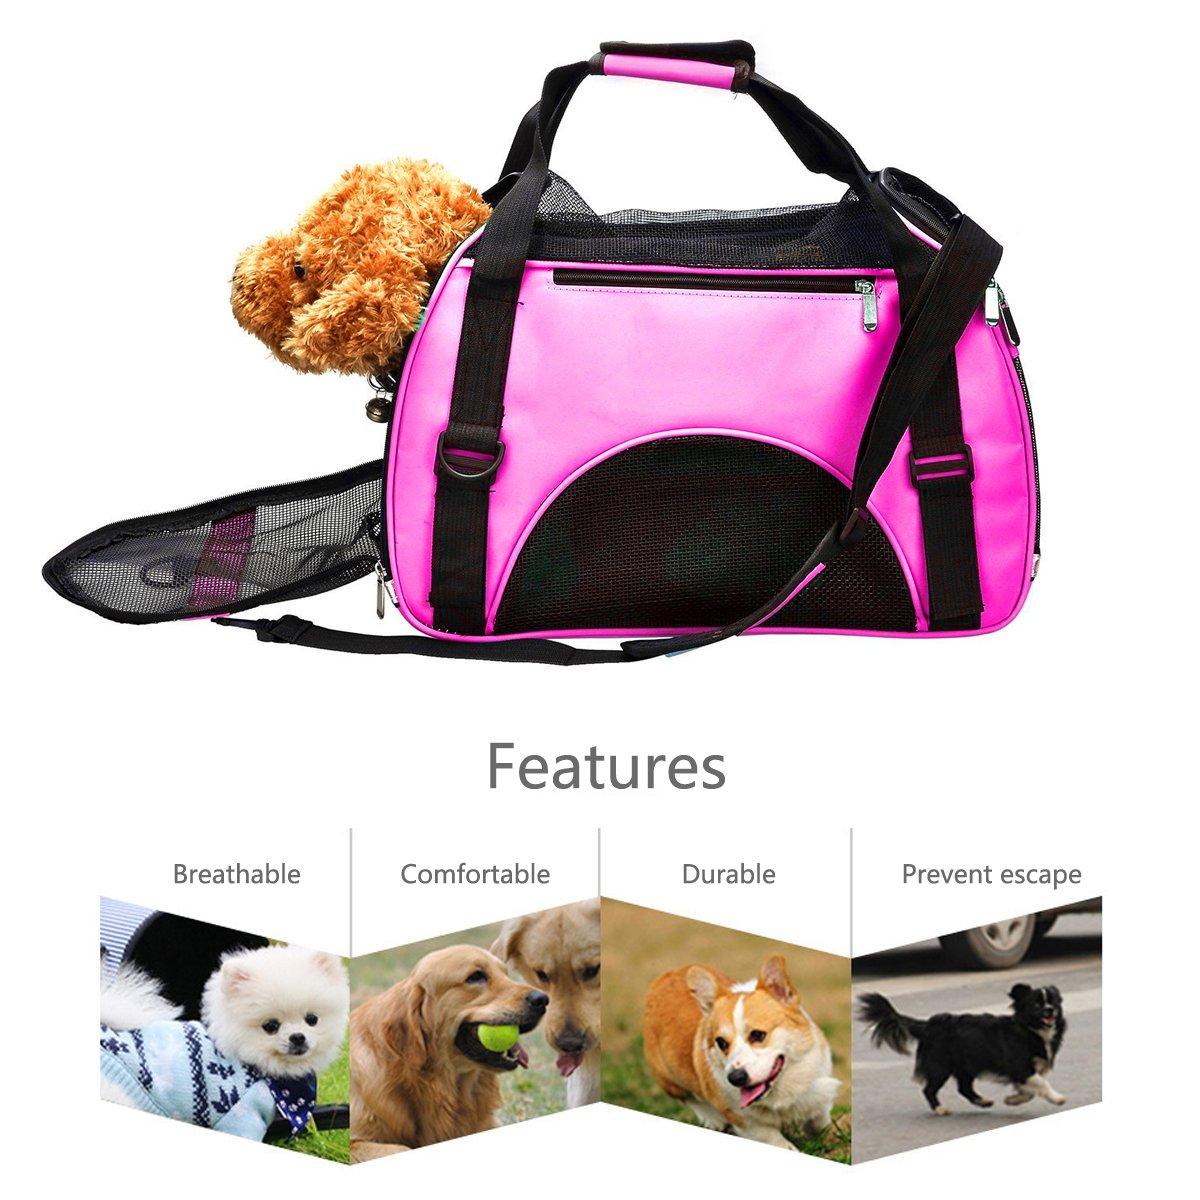 PETCUTE Trasportin Gatos Portador para Mascotas portátil Portador de Viaje Ligero para Perros Gatos Bolsa para Mascotas: Amazon.es: Hogar